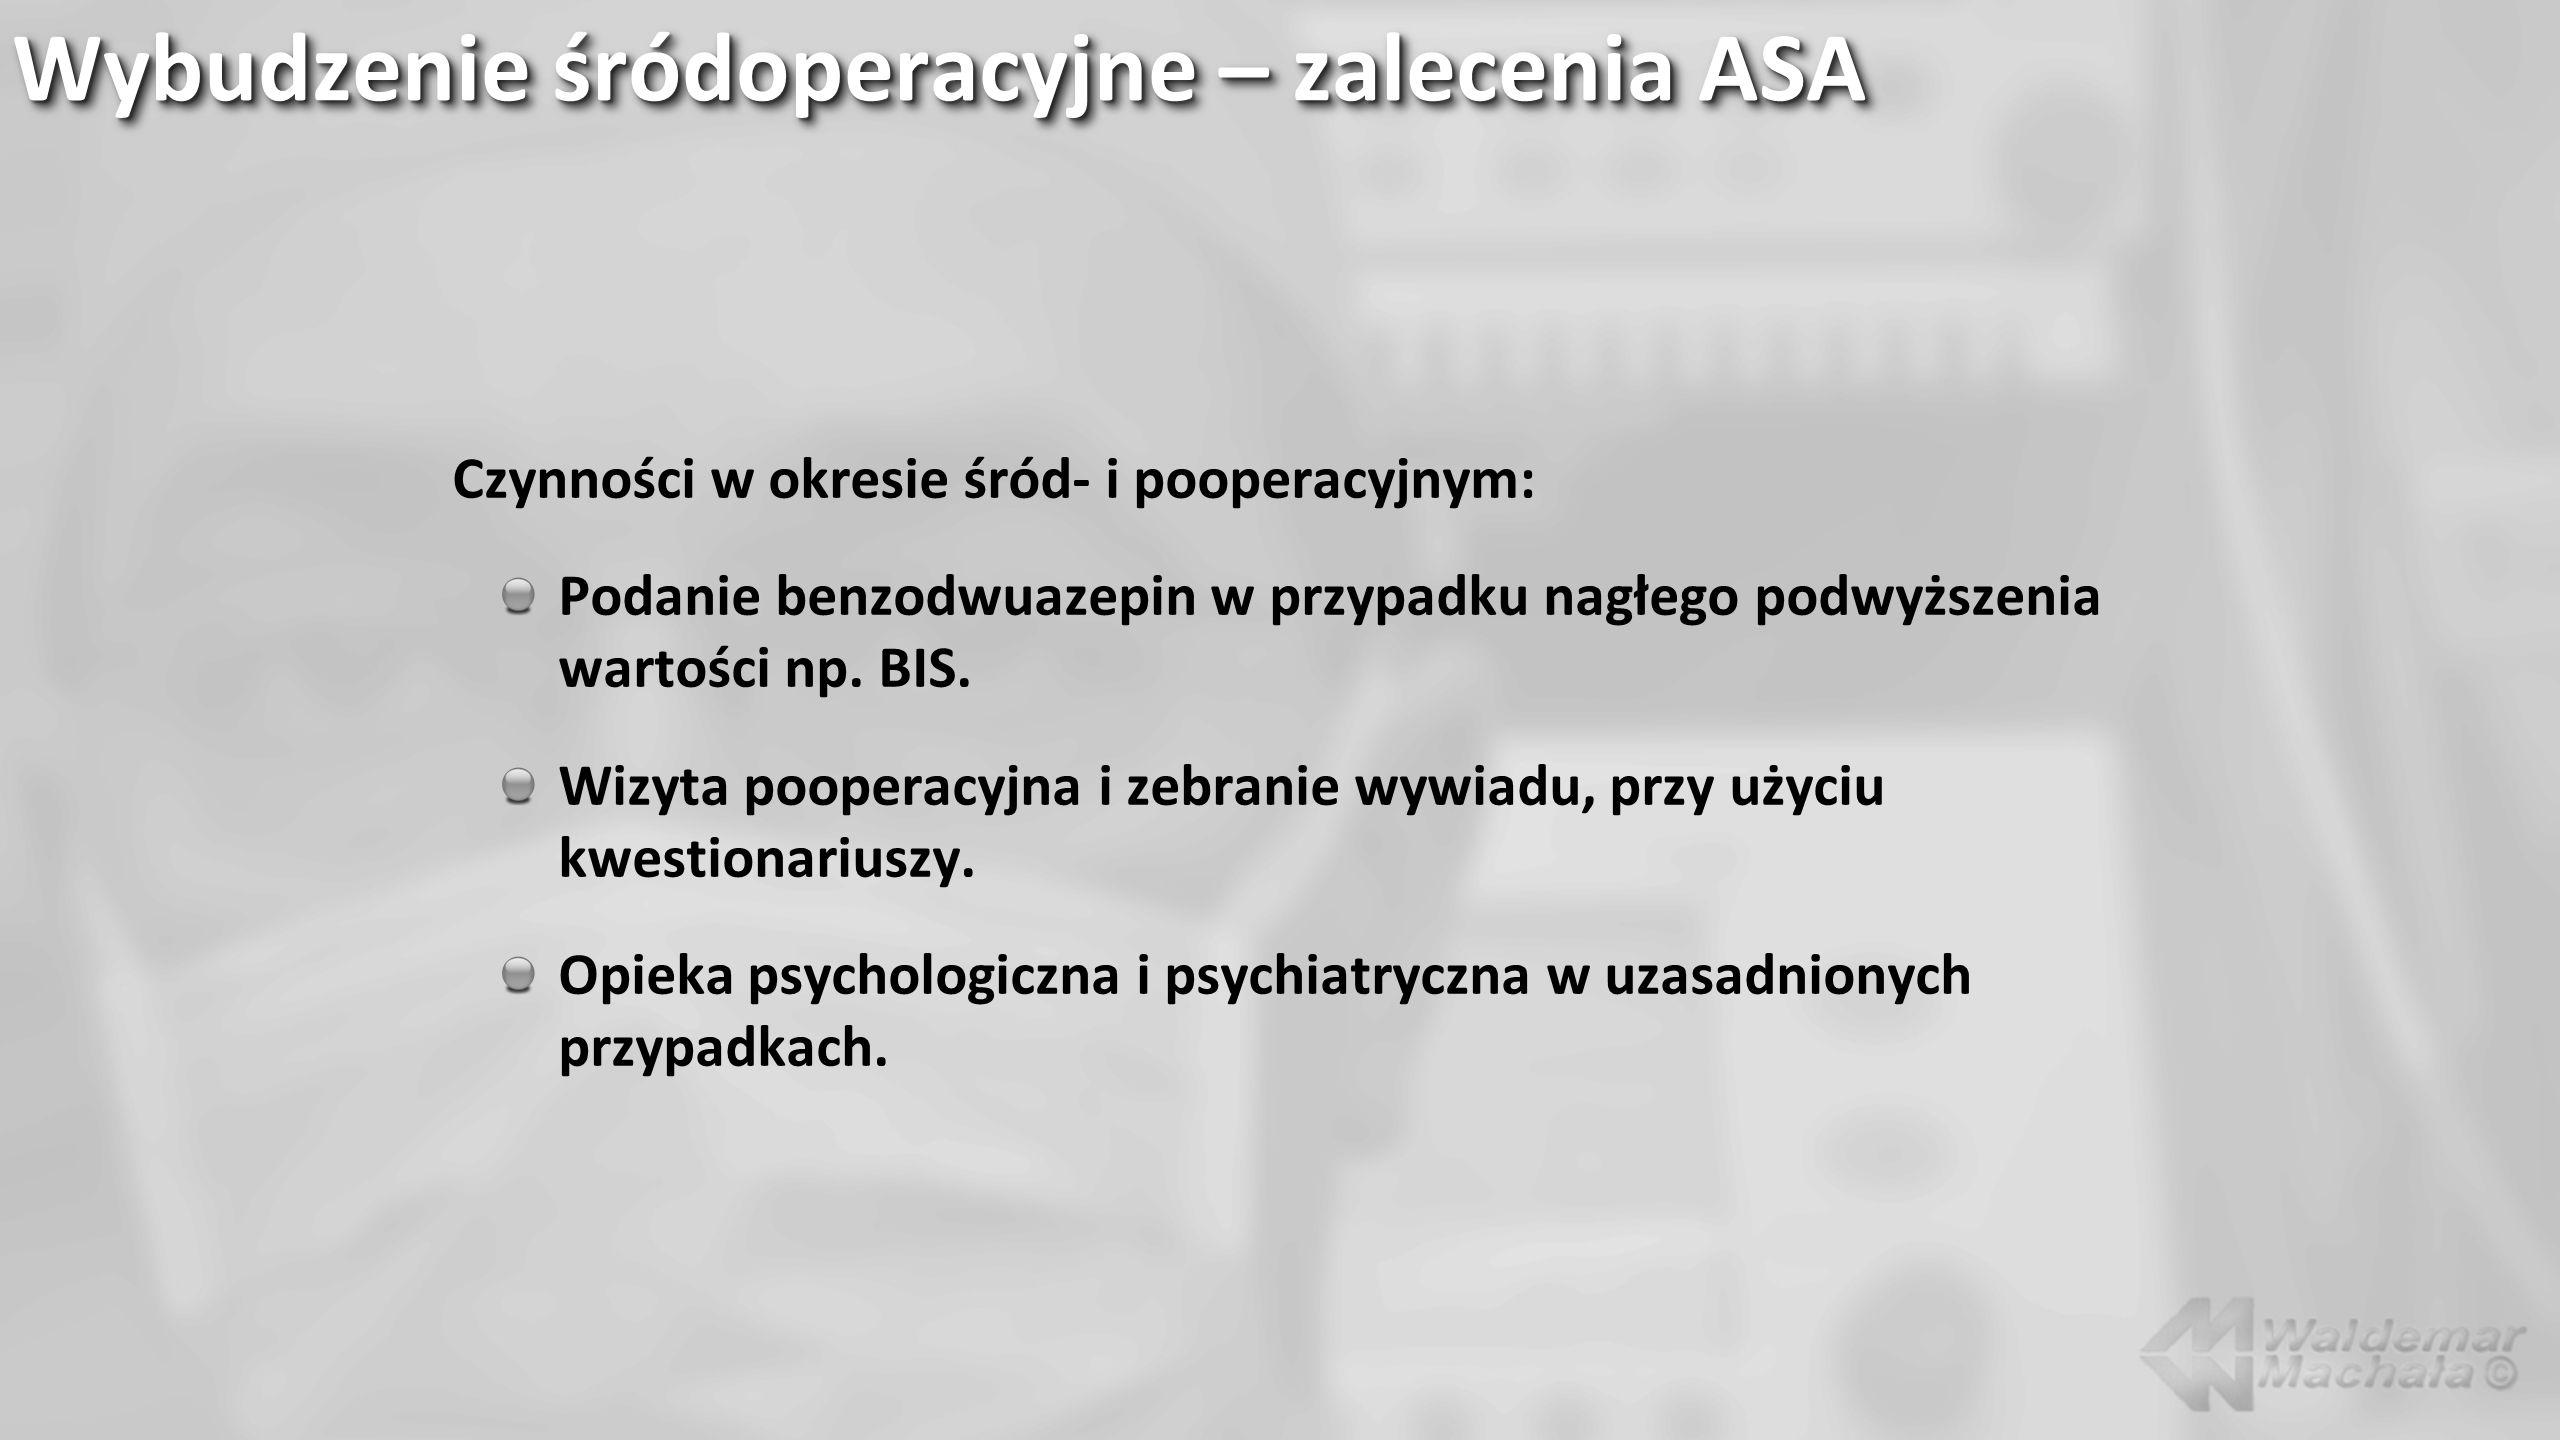 Wybudzenie śródoperacyjne – zalecenia ASA